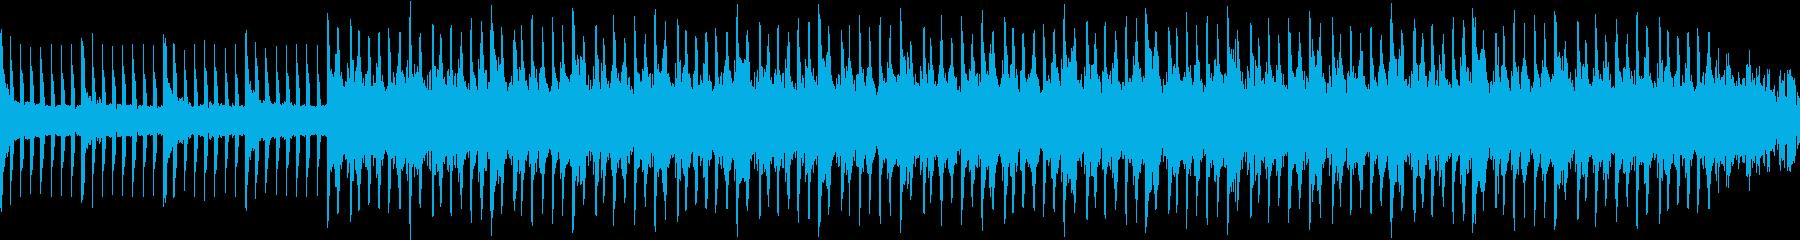 ピアノとシンセの落ち着いたループ曲の再生済みの波形